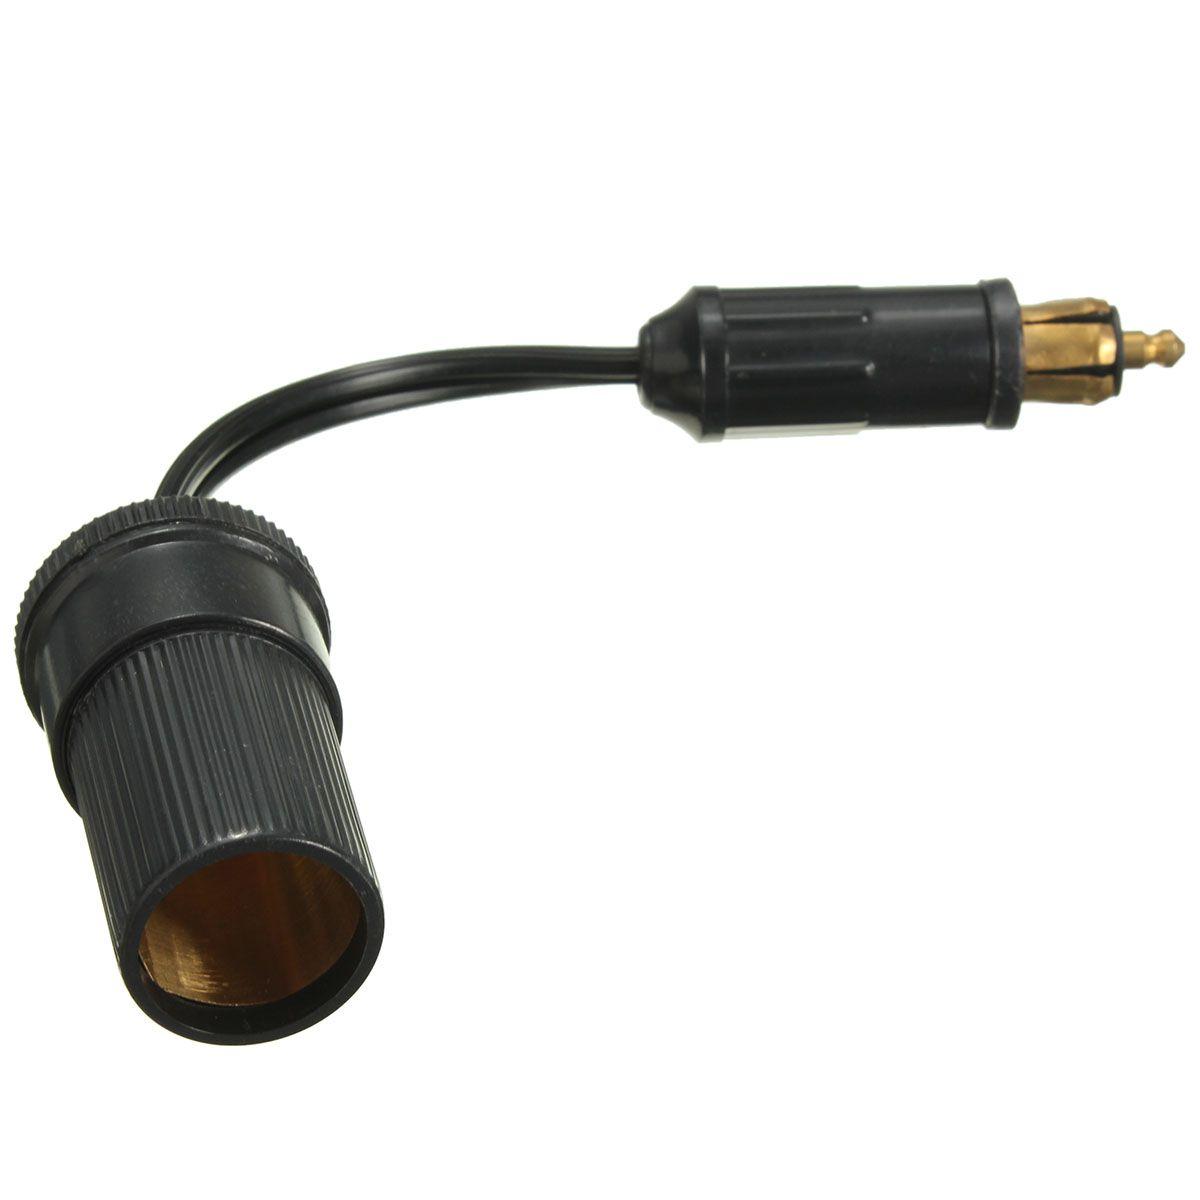 12/24V Black Short Socket Adaptor Converter Cigarette Lighter Plug 8CM Cable For BMW